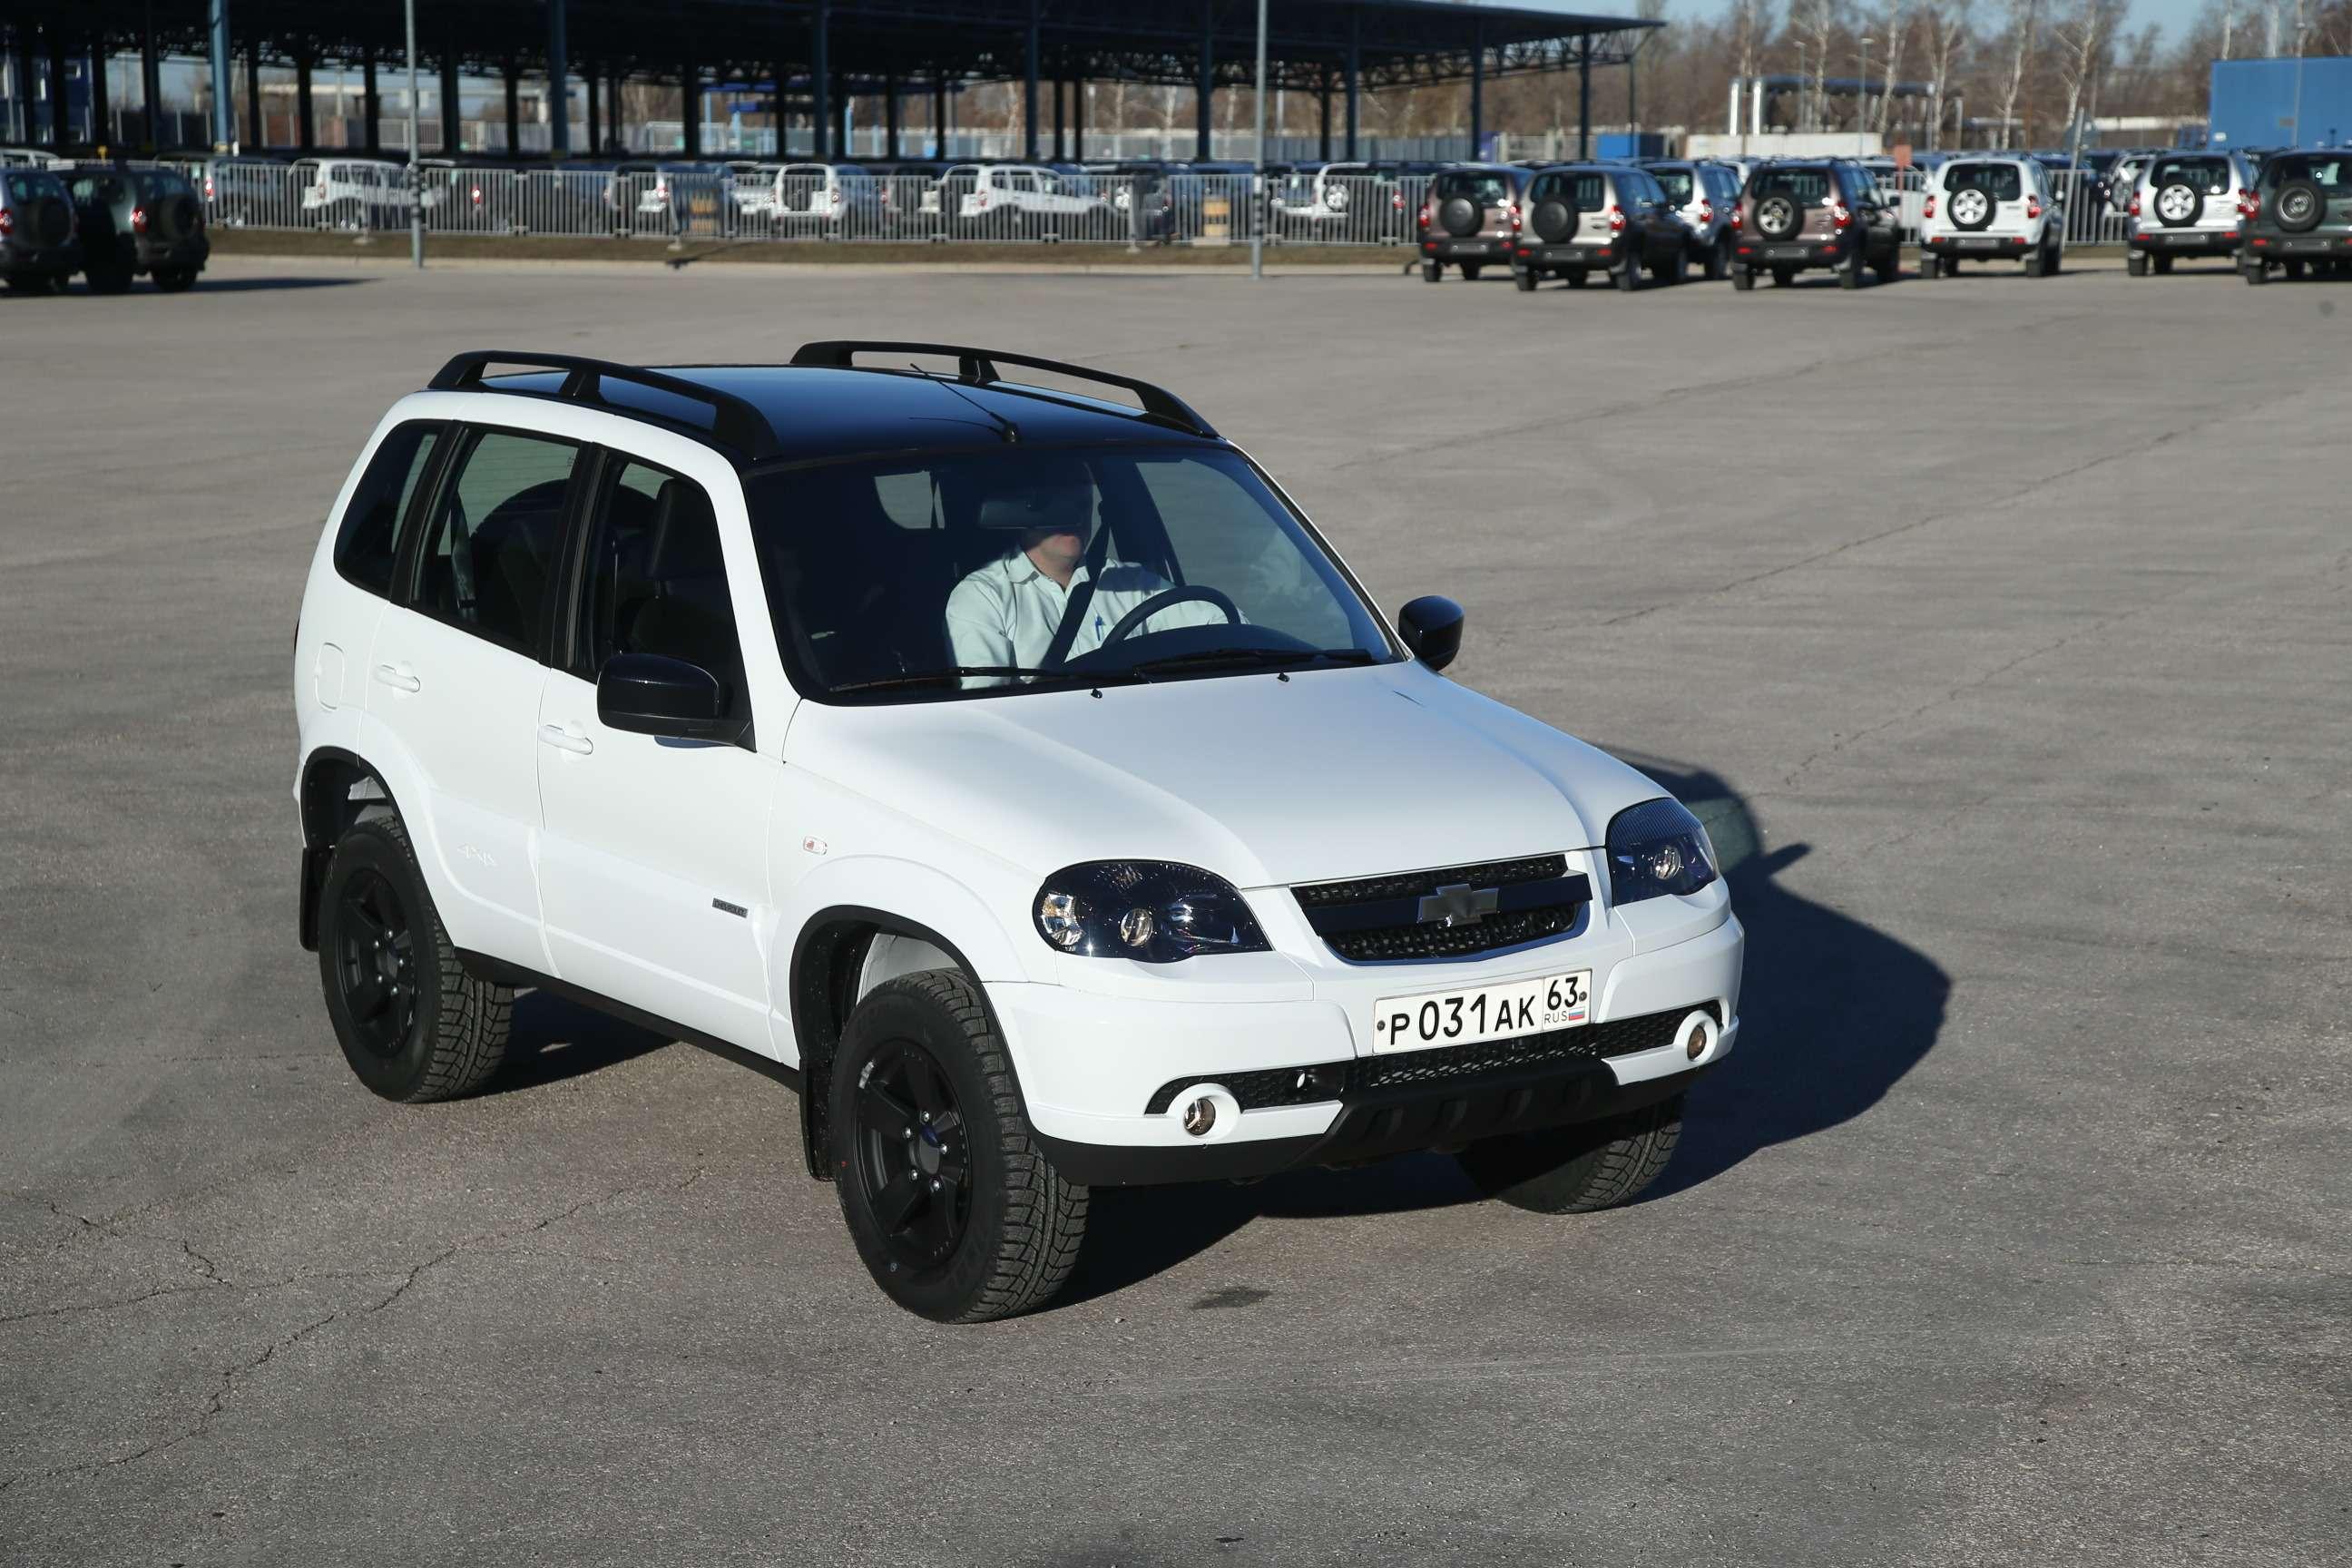 Черно-белая Chevrolet Niva спешит кдилерам (ОБНОВЛЕНО)— фото 668755